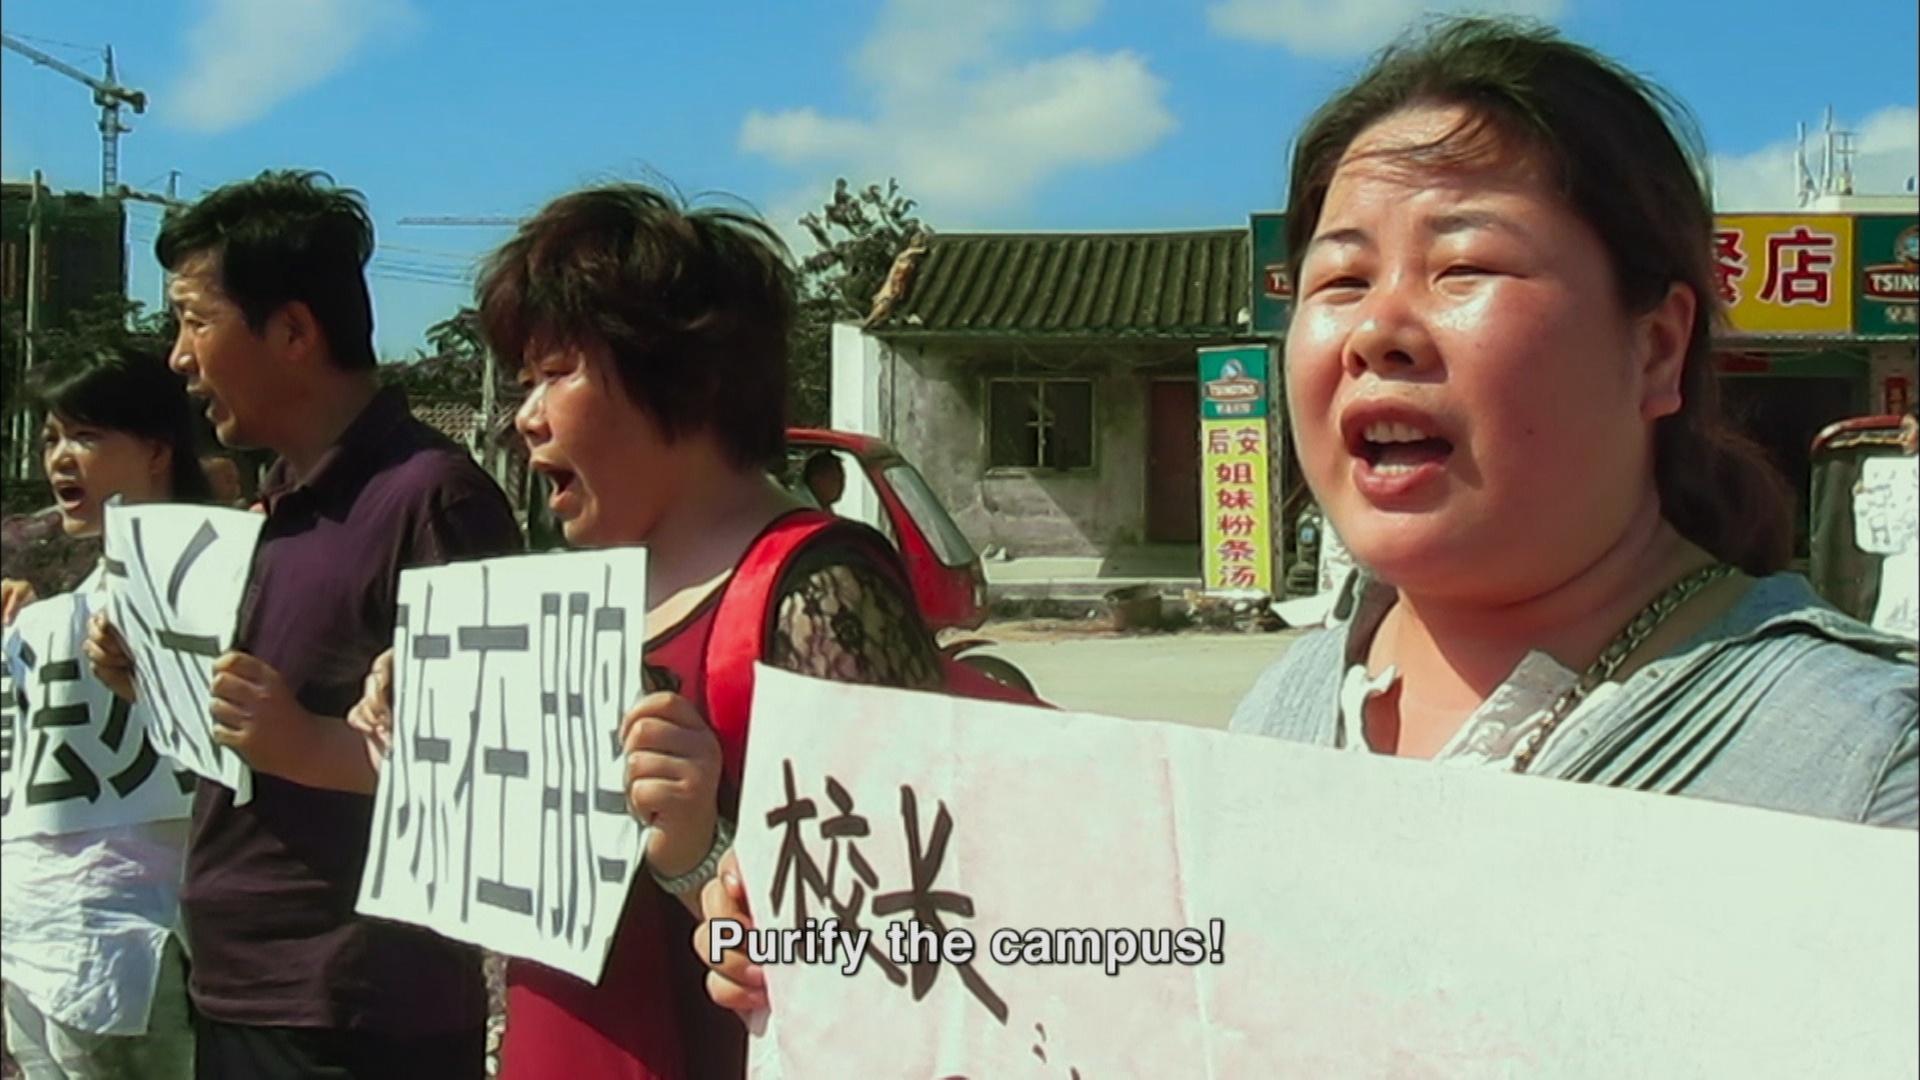 Hooligan Sparrow: Protesting Rape